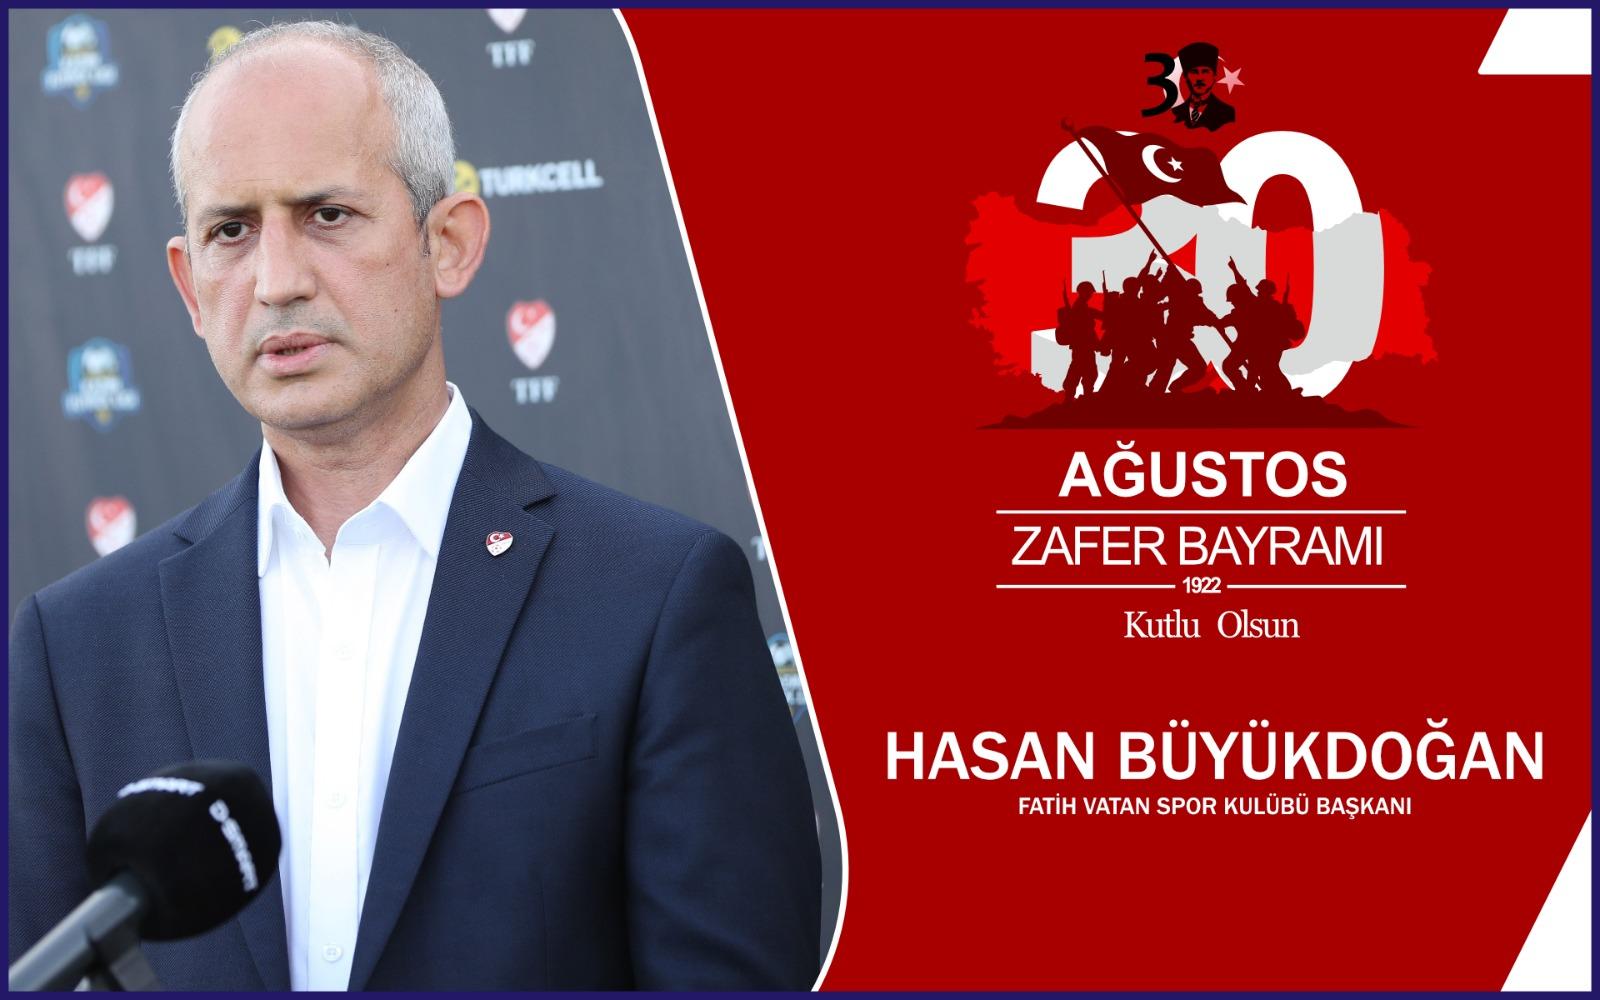 Hasan Büyükdoğan'dan Kutlama Mesajı